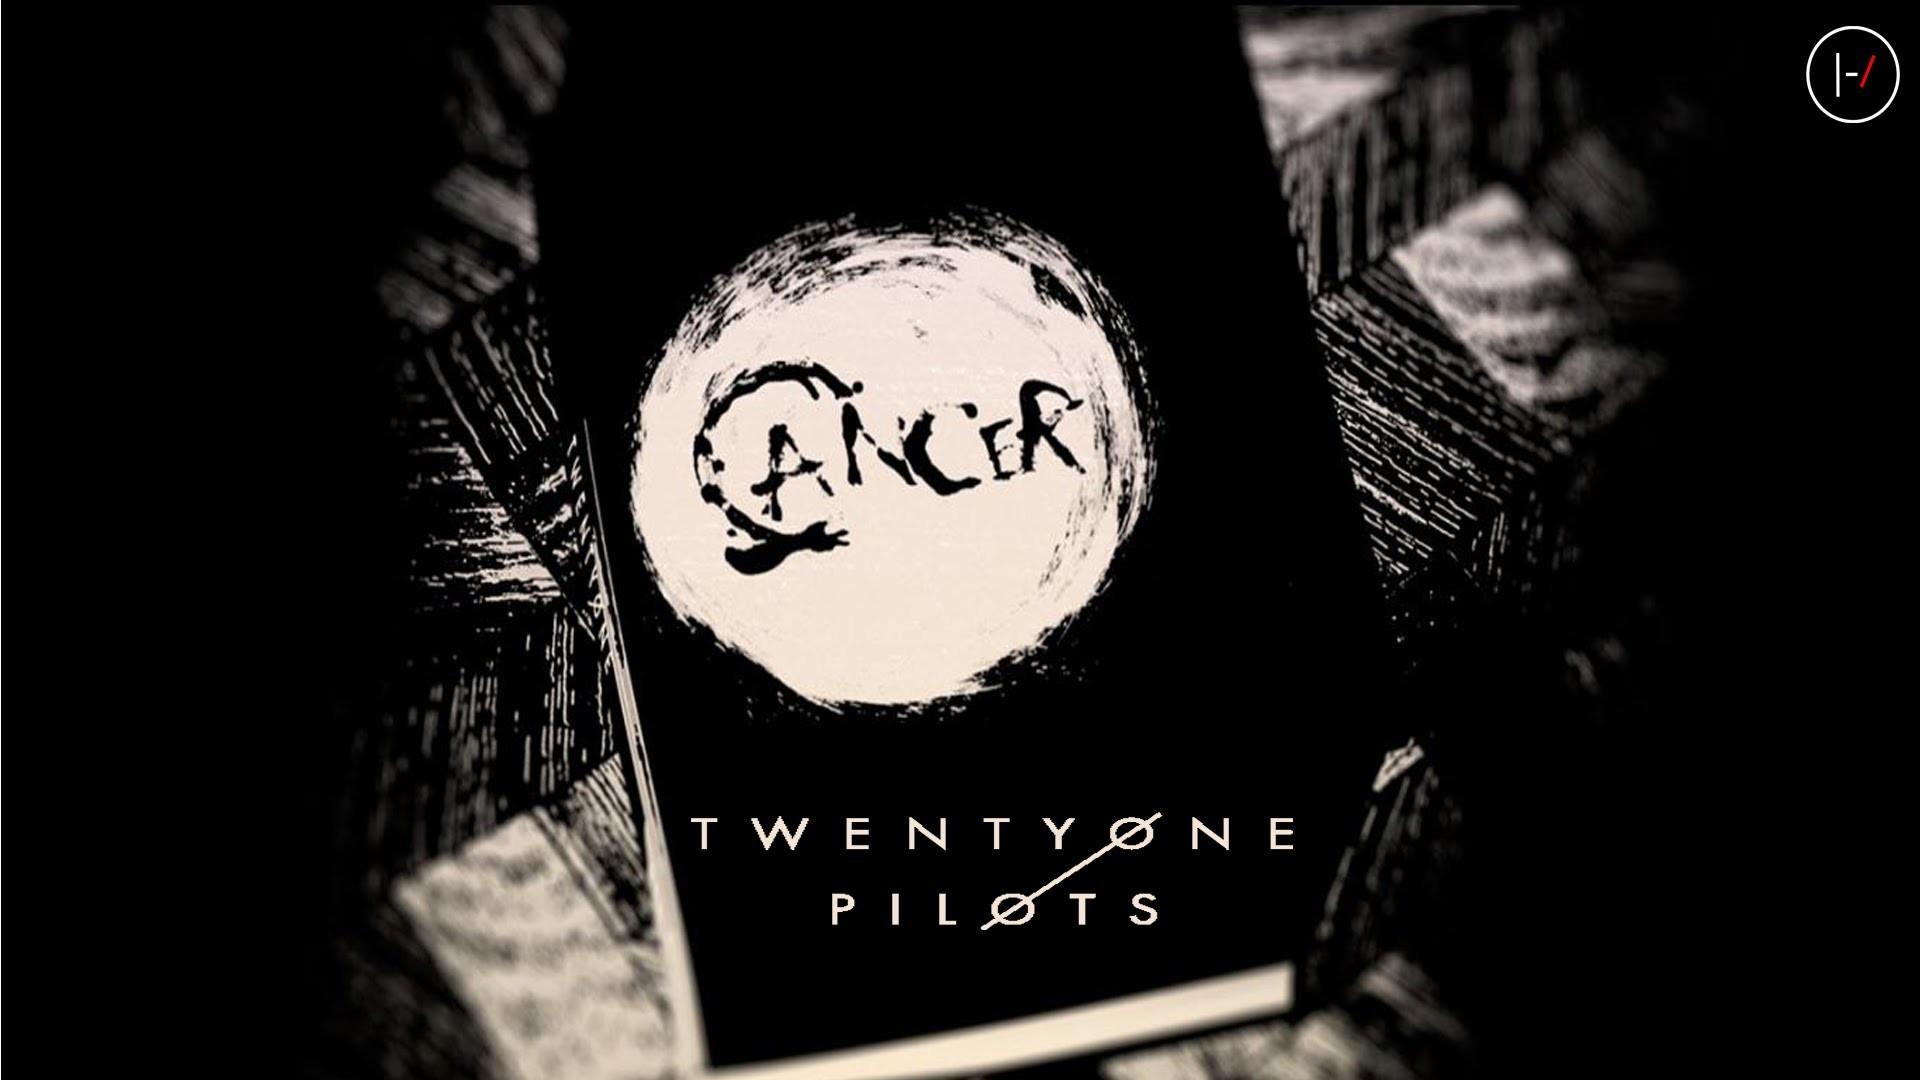 Twenty One Pilots – Cancer (Lyrics)